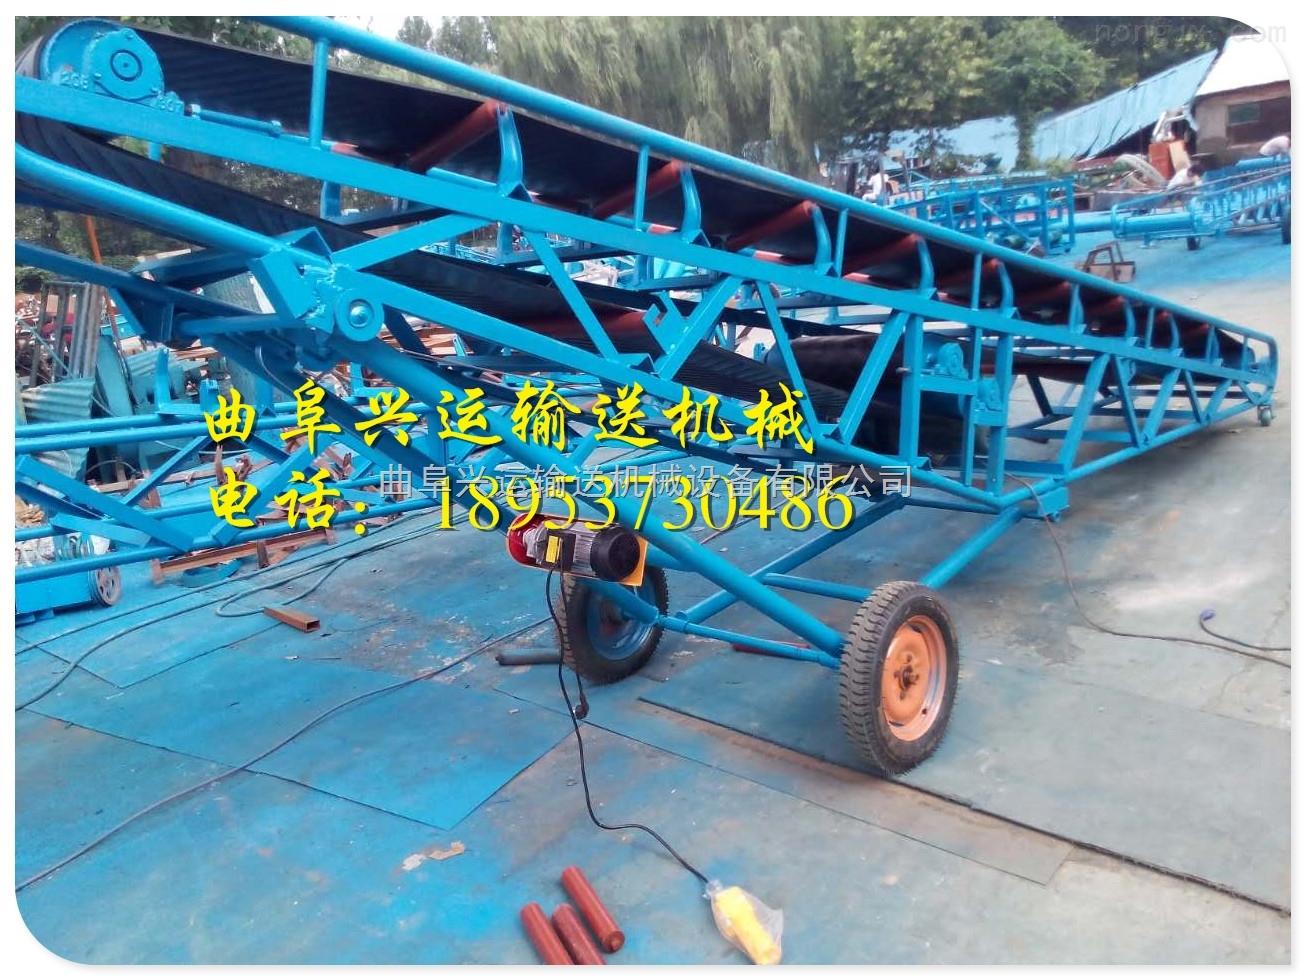 上料、装卸、送料通用输送机,移动式皮带输送机